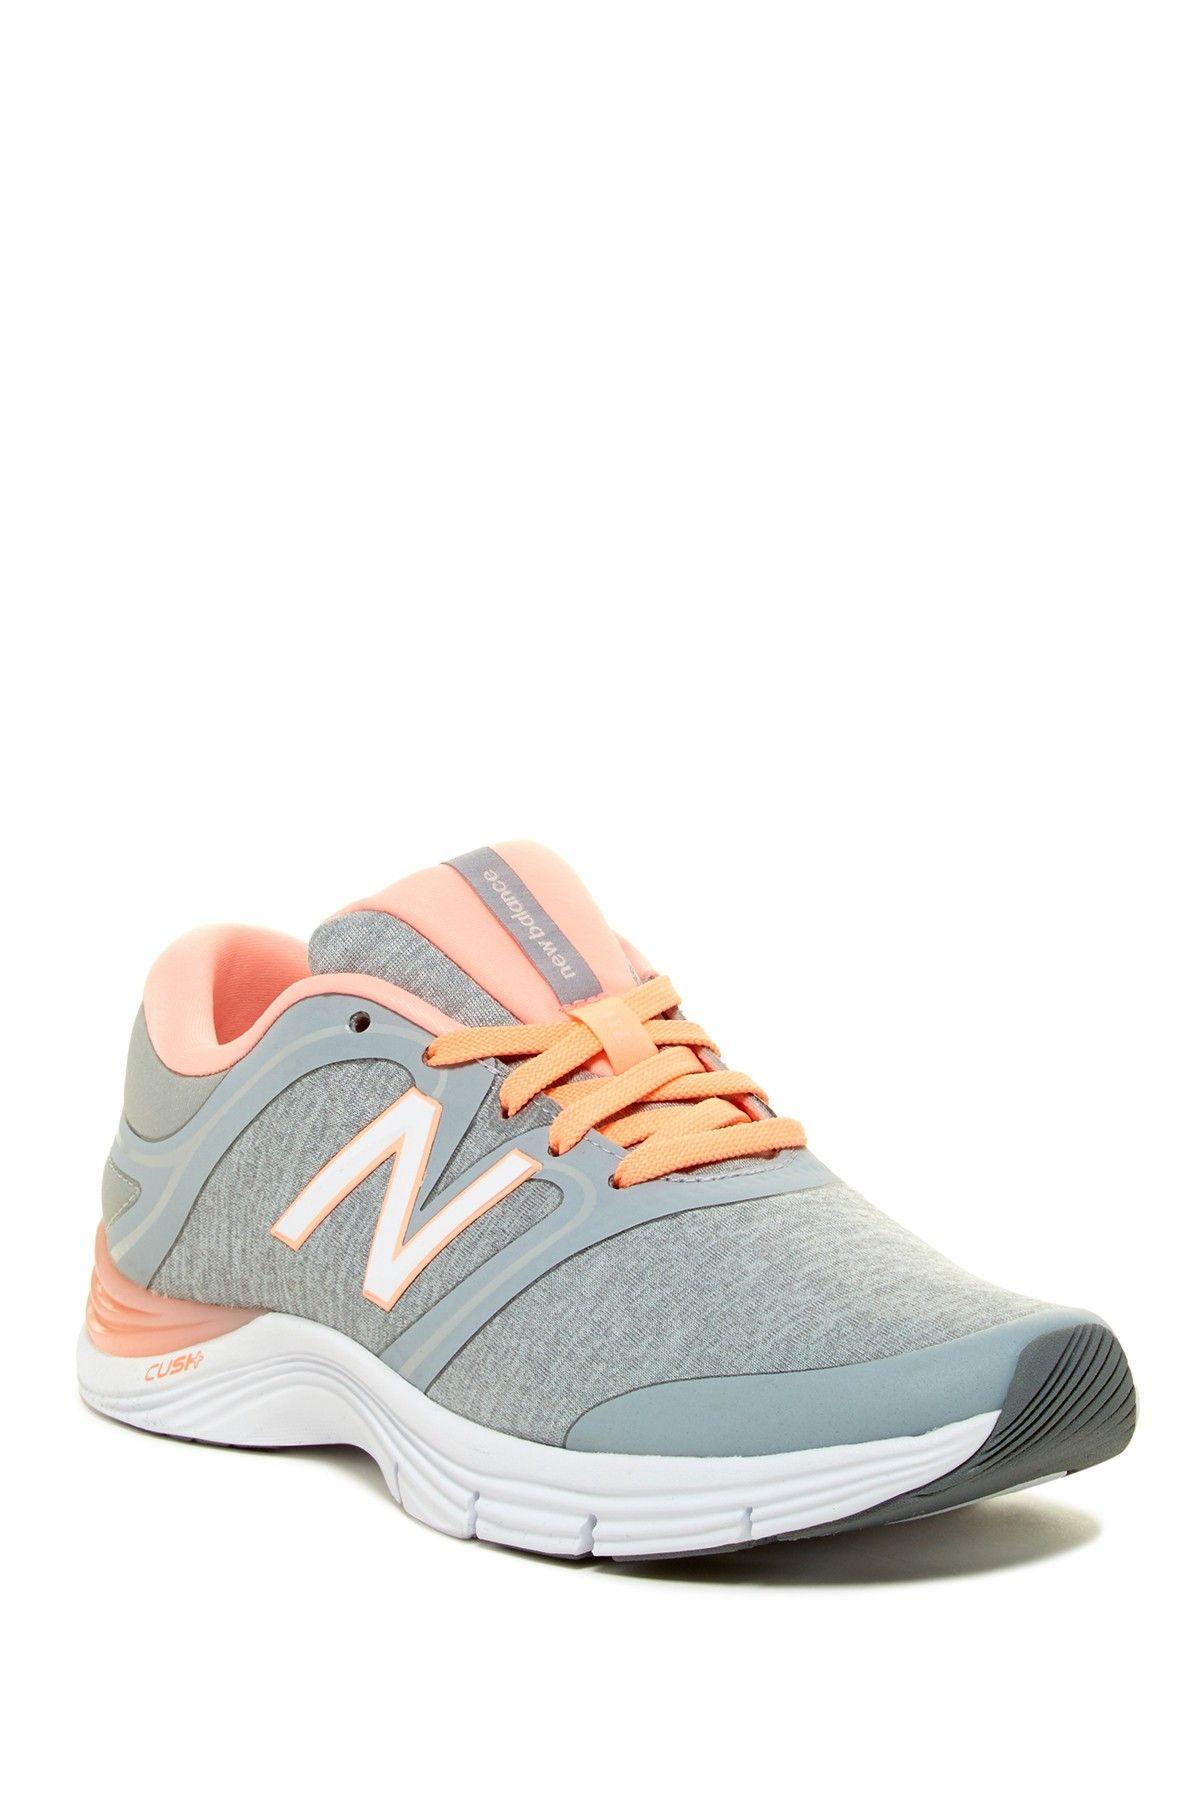 711V2 Cush+ Training Sneaker - Wide